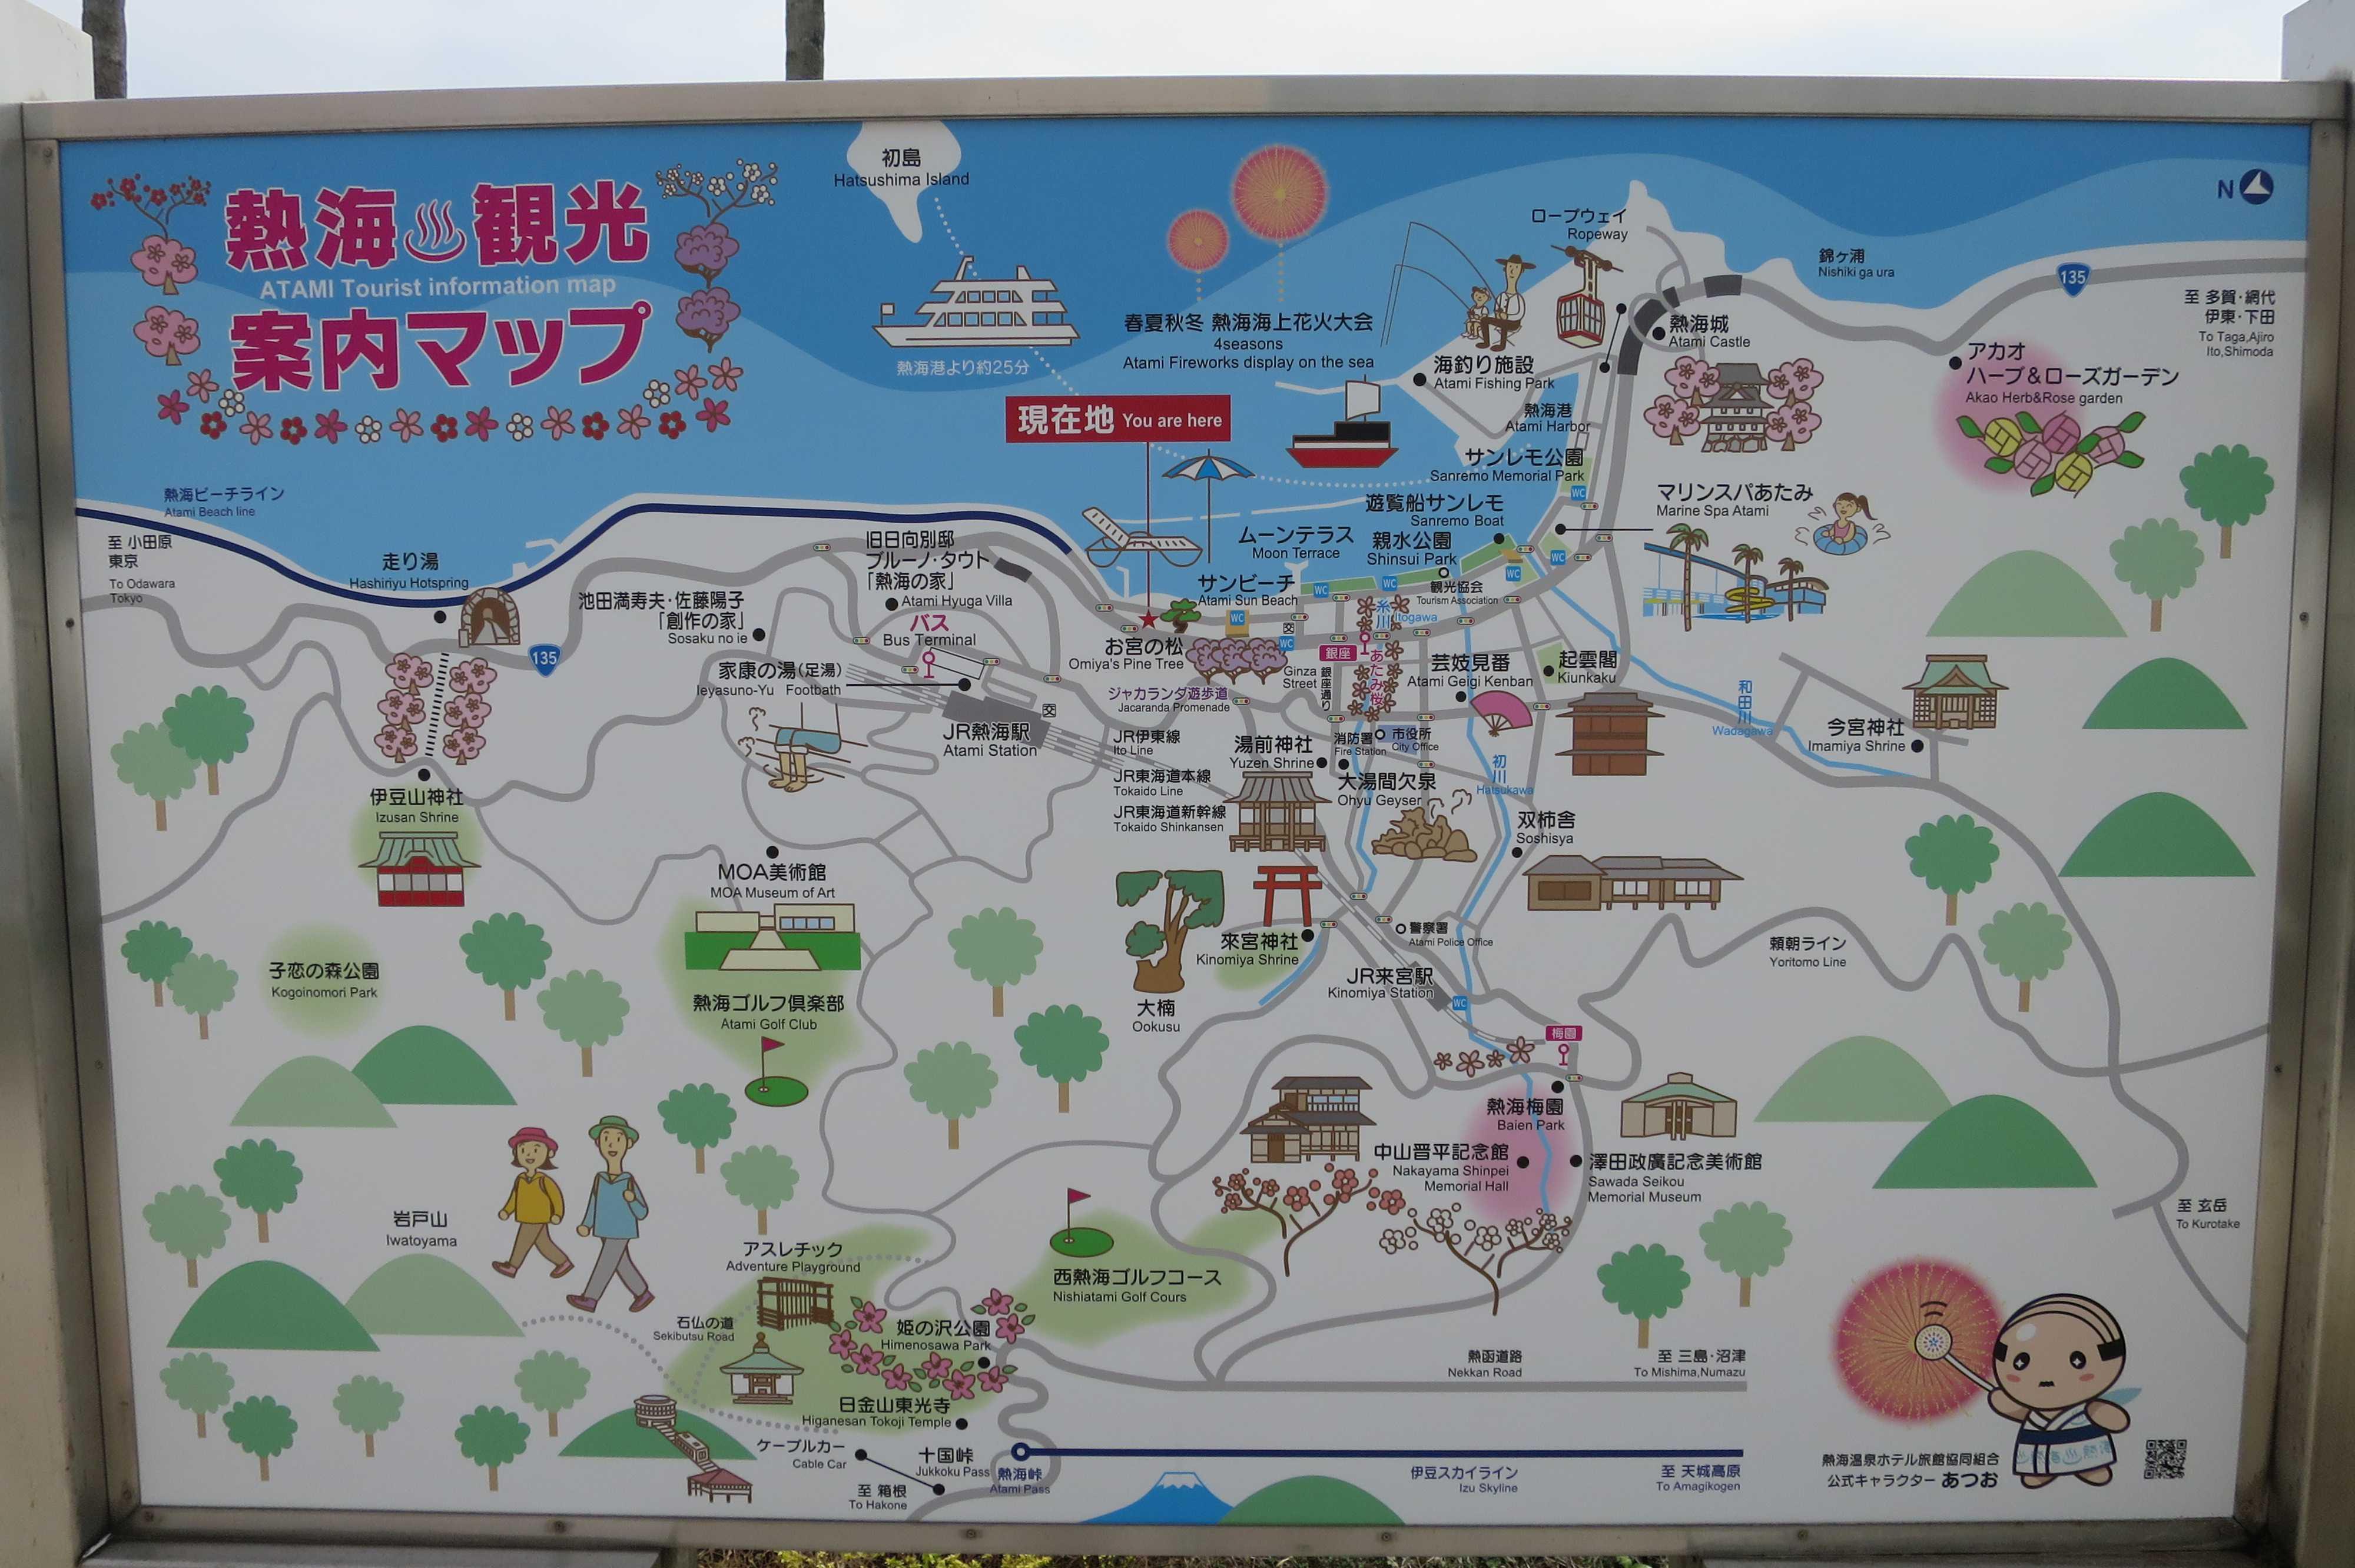 熱海観光案内マップ